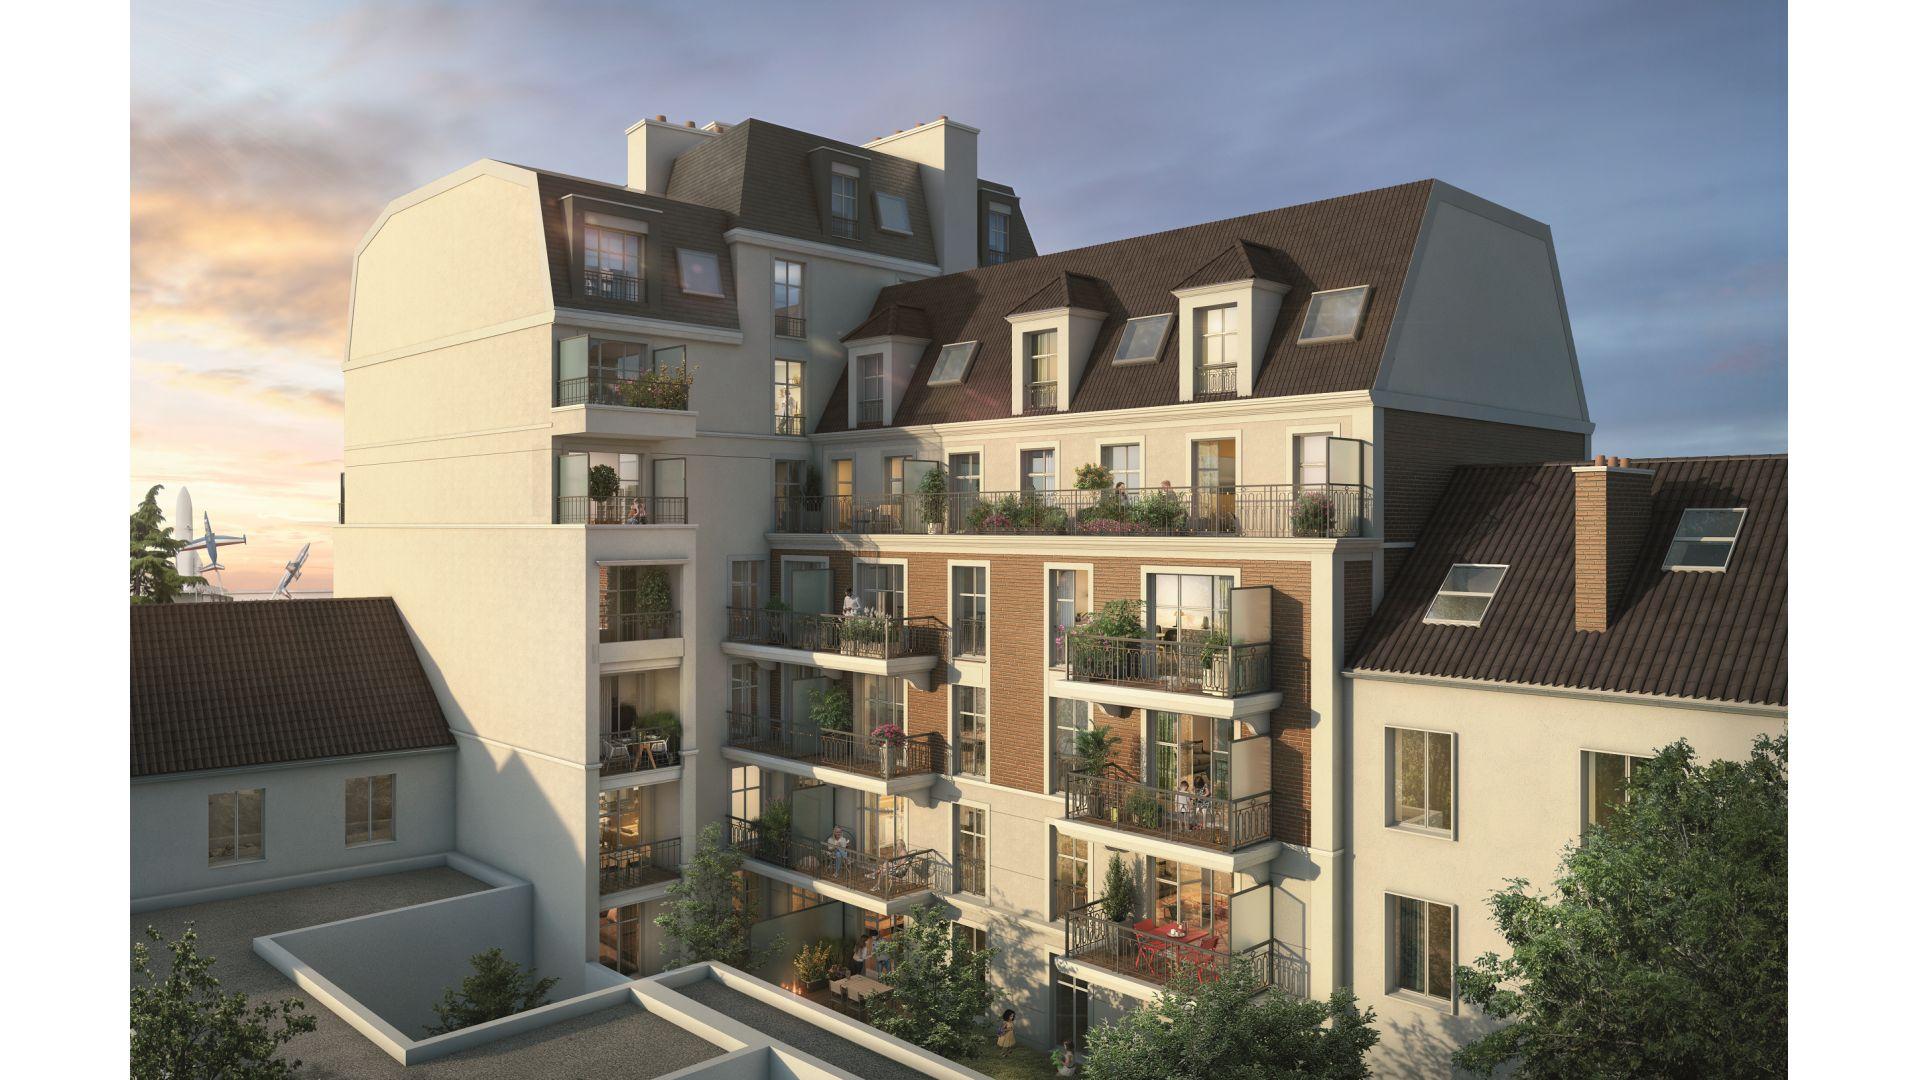 Greencity Immobilier - Résidence Le 122 Aéropostale - 93150 Le Blanc Mesnil - A vendre appartement du T1 bis au T4 Duplex - vue cour